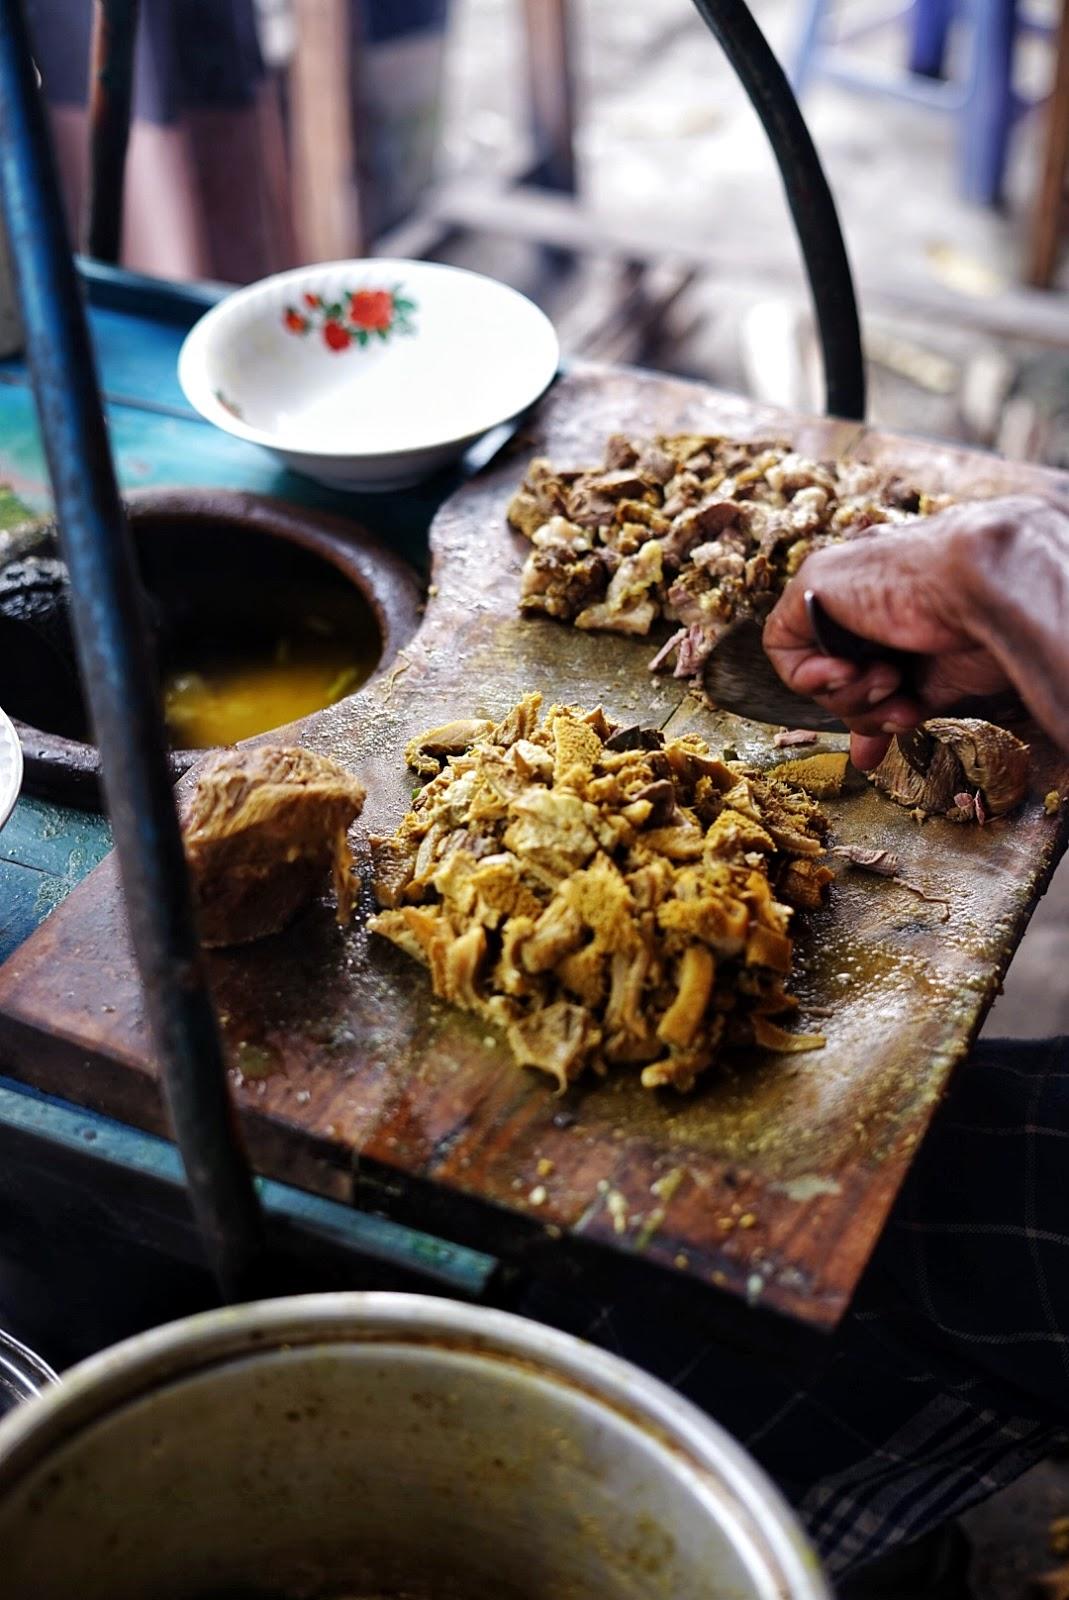 Kuliner Malam Cirebon : kuliner, malam, cirebon, Kuliner, Wajib, Cirebon, AKUCHICHIE